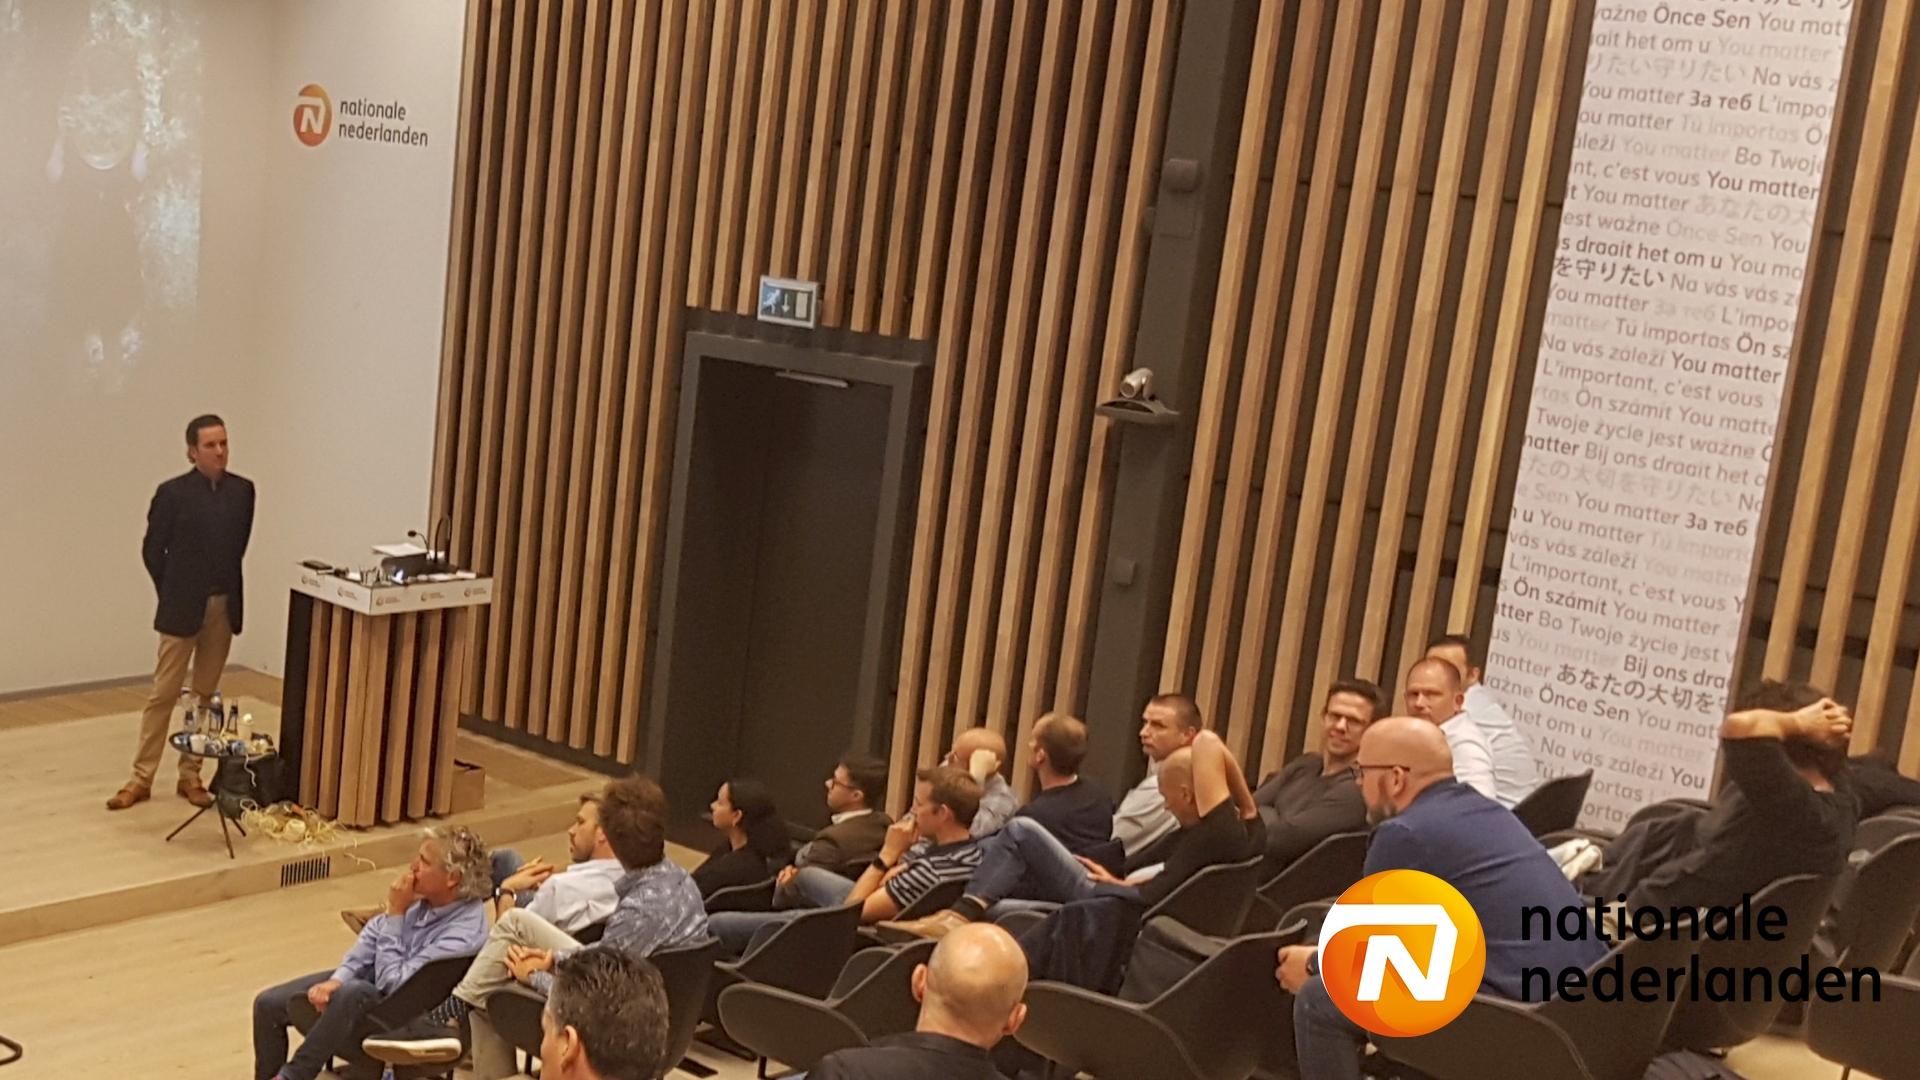 Nationale Nederlanden - Communicatie - Jerry van Staveren 7